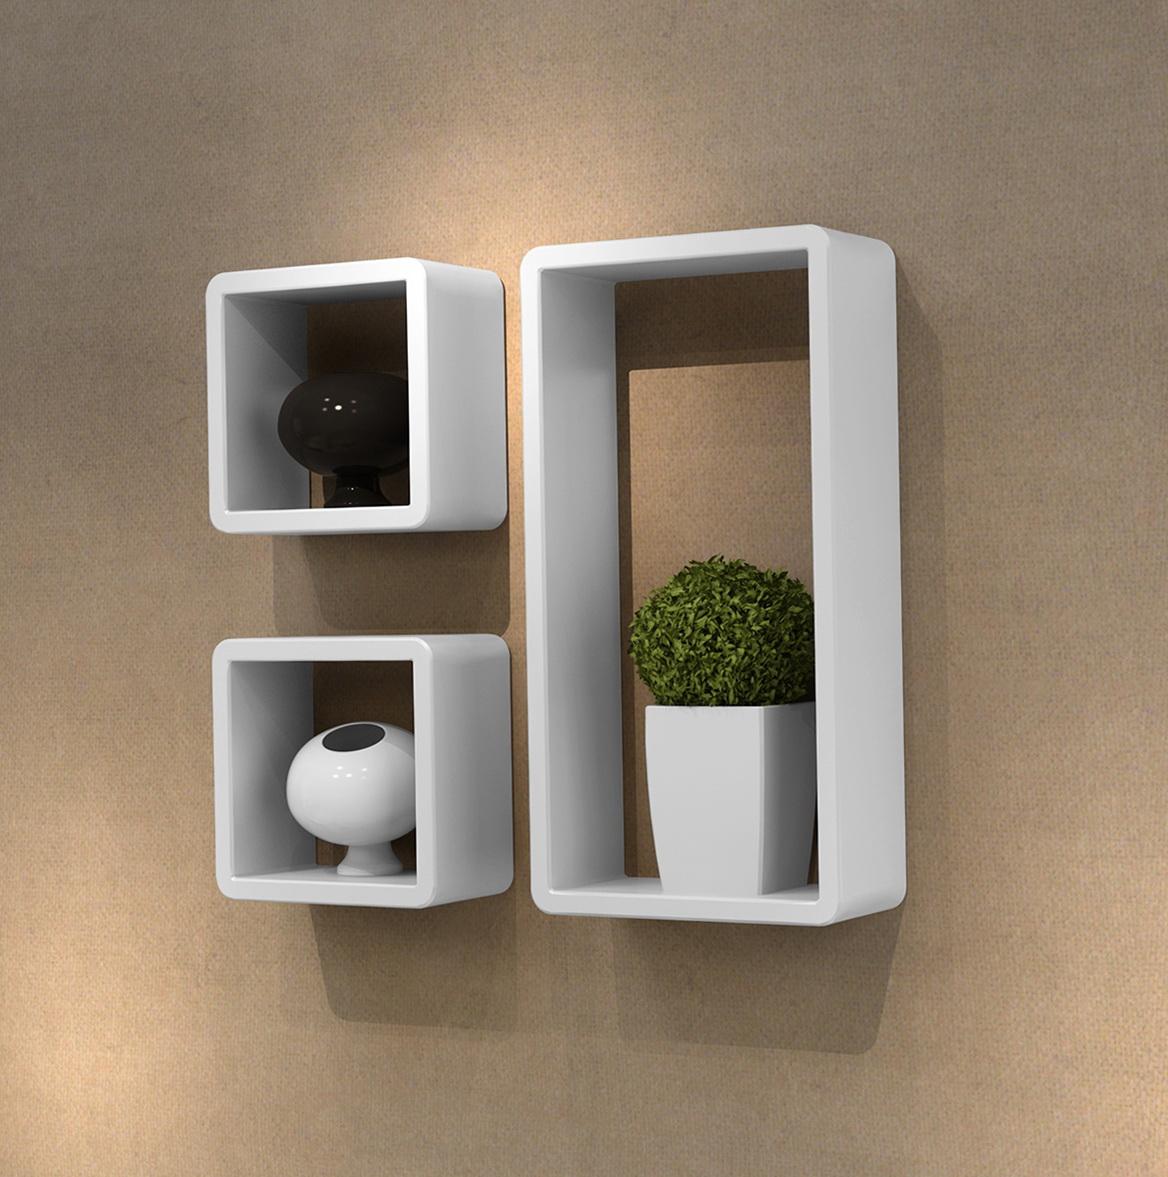 Box Wall Shelves Uk